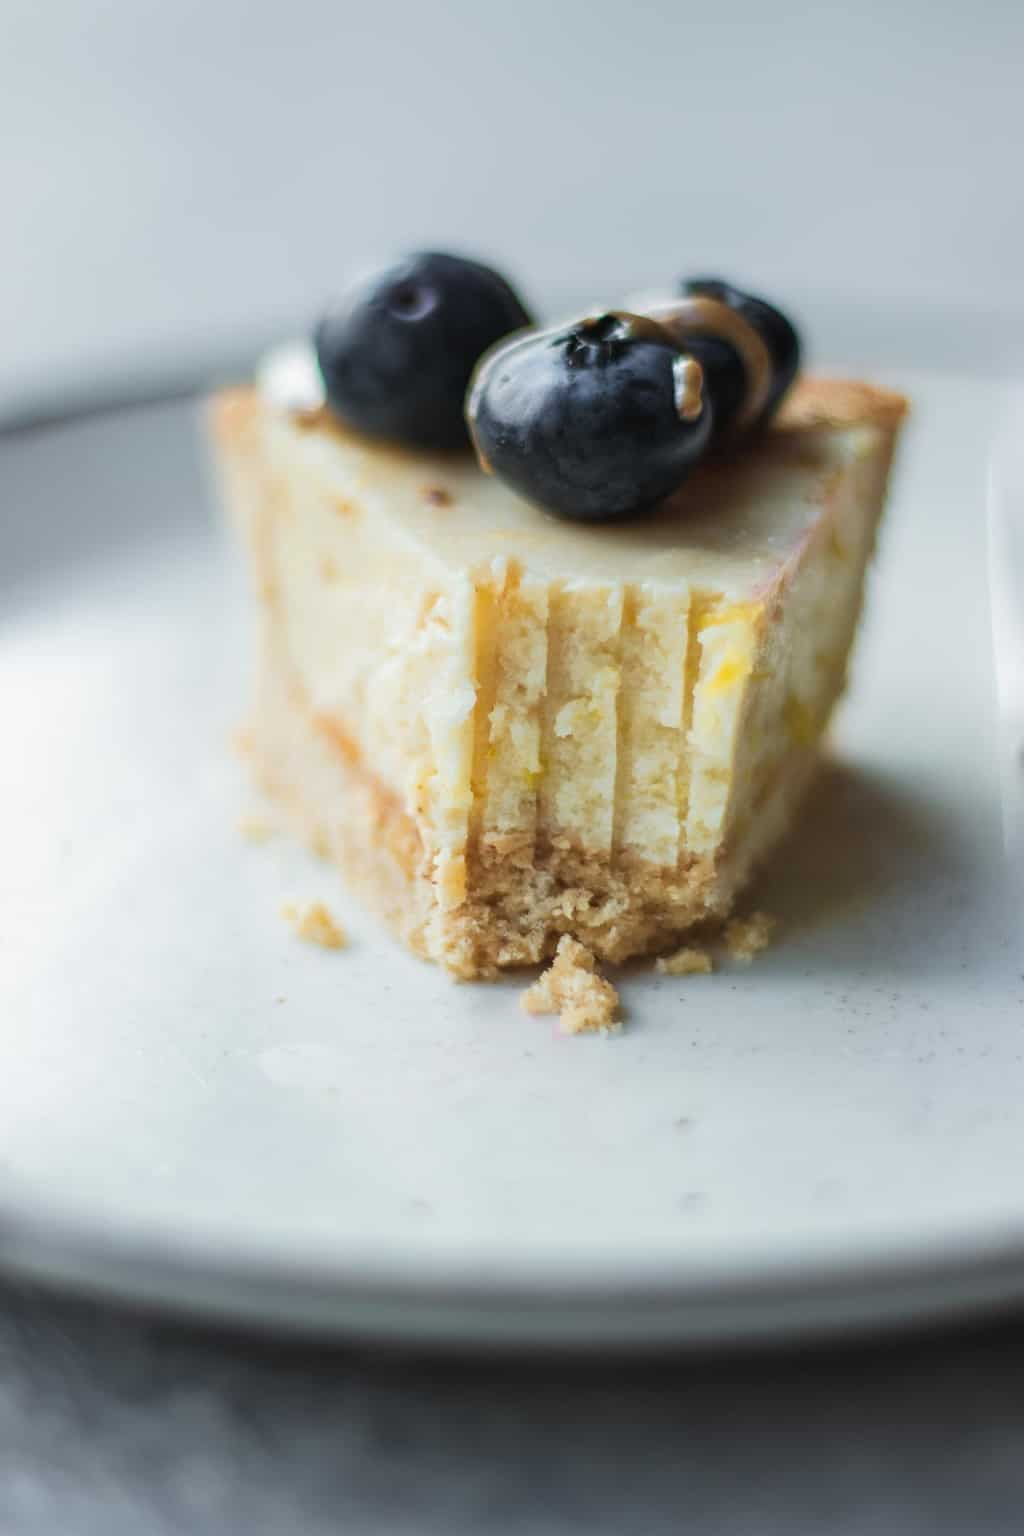 Gluten-free vegan lemon tart